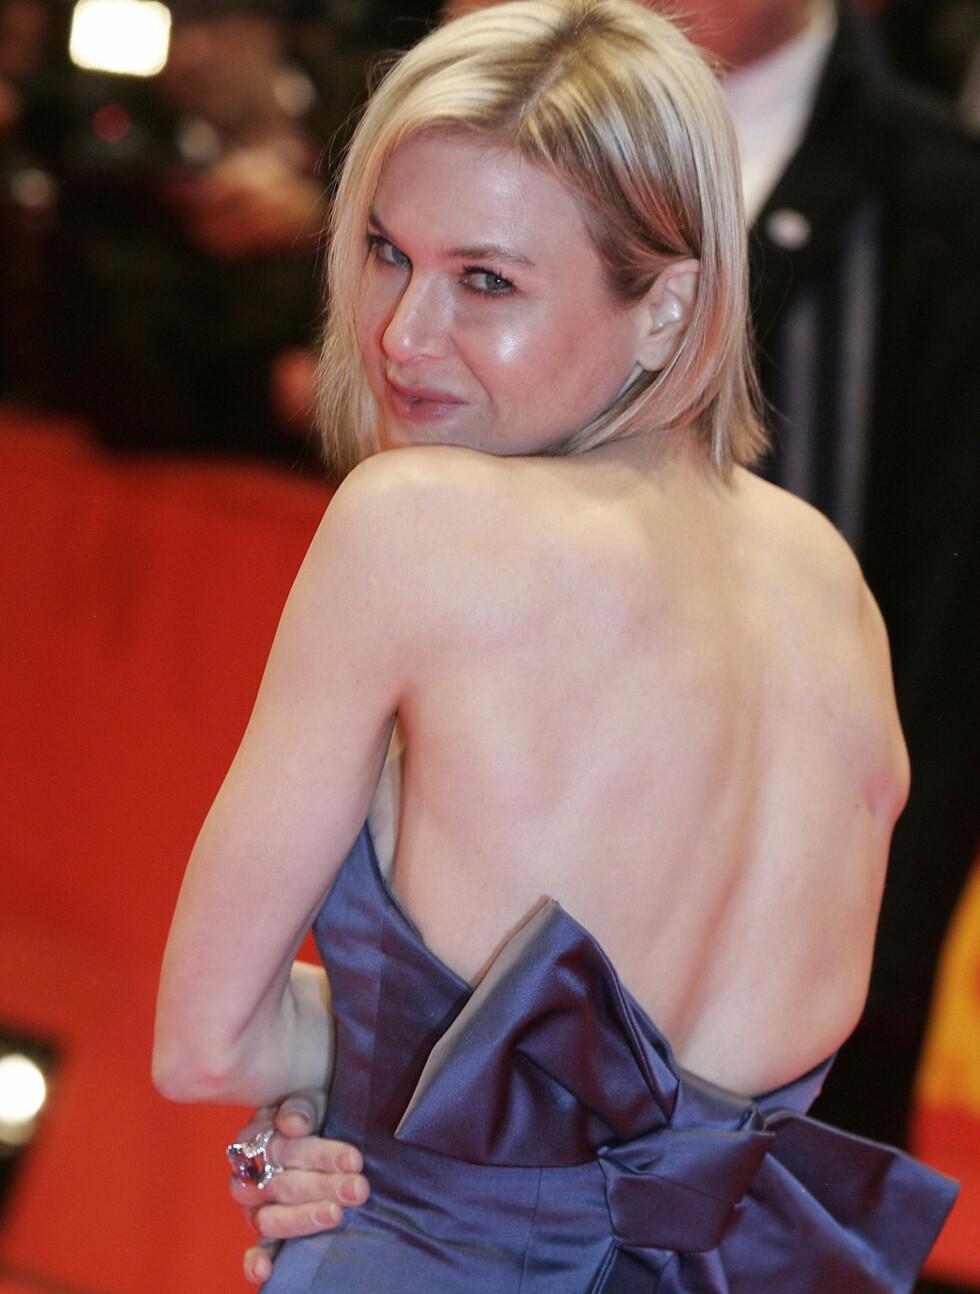 TYNN IGJEN: Nå har Renee Zellweger slanket bort de ekstra kiloene hun la på seg under innspillingen til «Bridget Jones's Diary» fra 2001. Foto: Stella Pictures